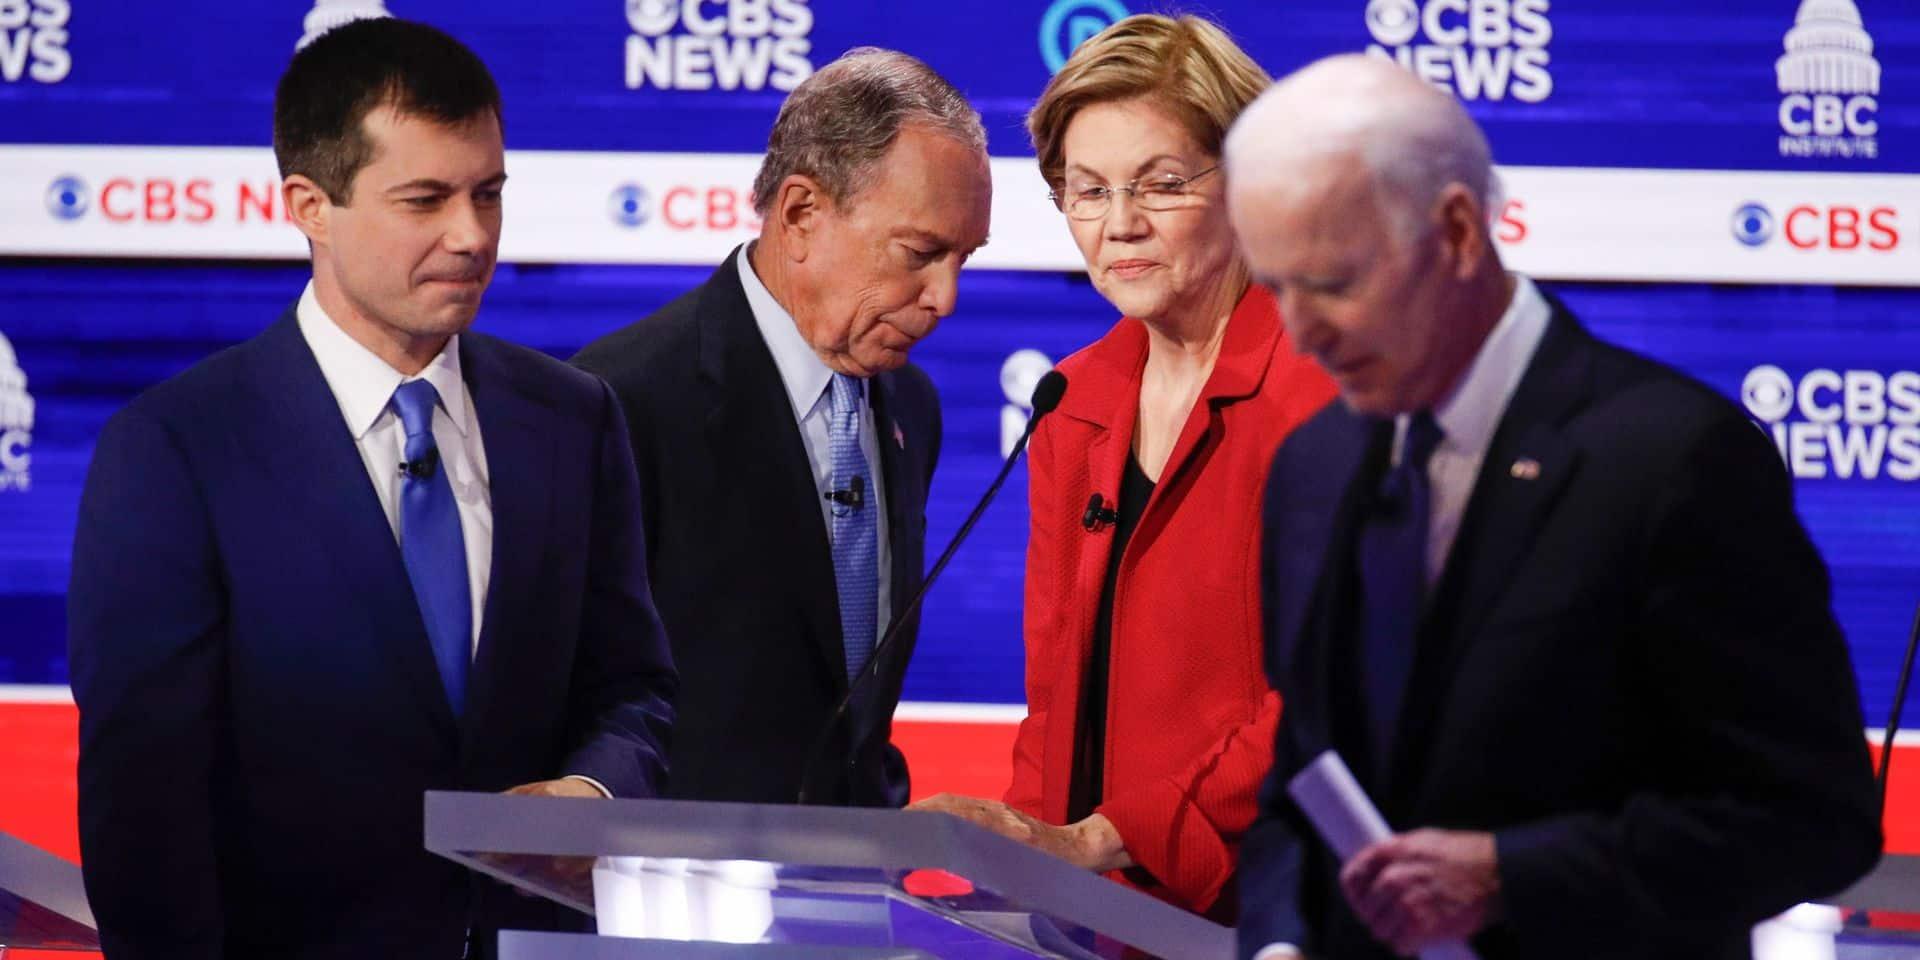 Primaires démocrates: les candidats donnent tout à la veille d'un Super-Mardi peut-être décisif